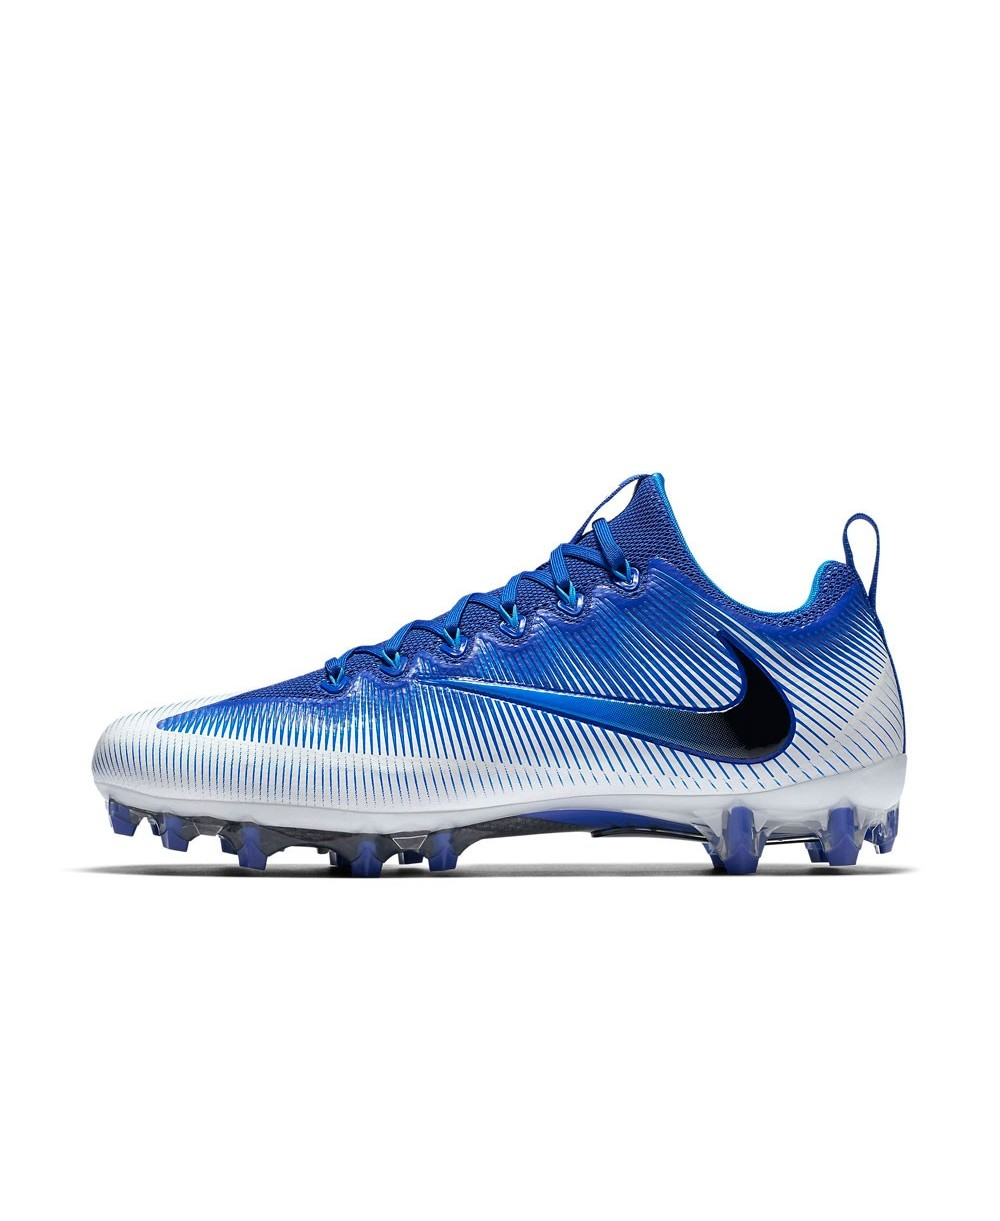 miglior prezzo Nike - Vapor Untouchable Untouchable Untouchable Pro Scarpe da Football Americano Uomo blu bianca  nuovo stile